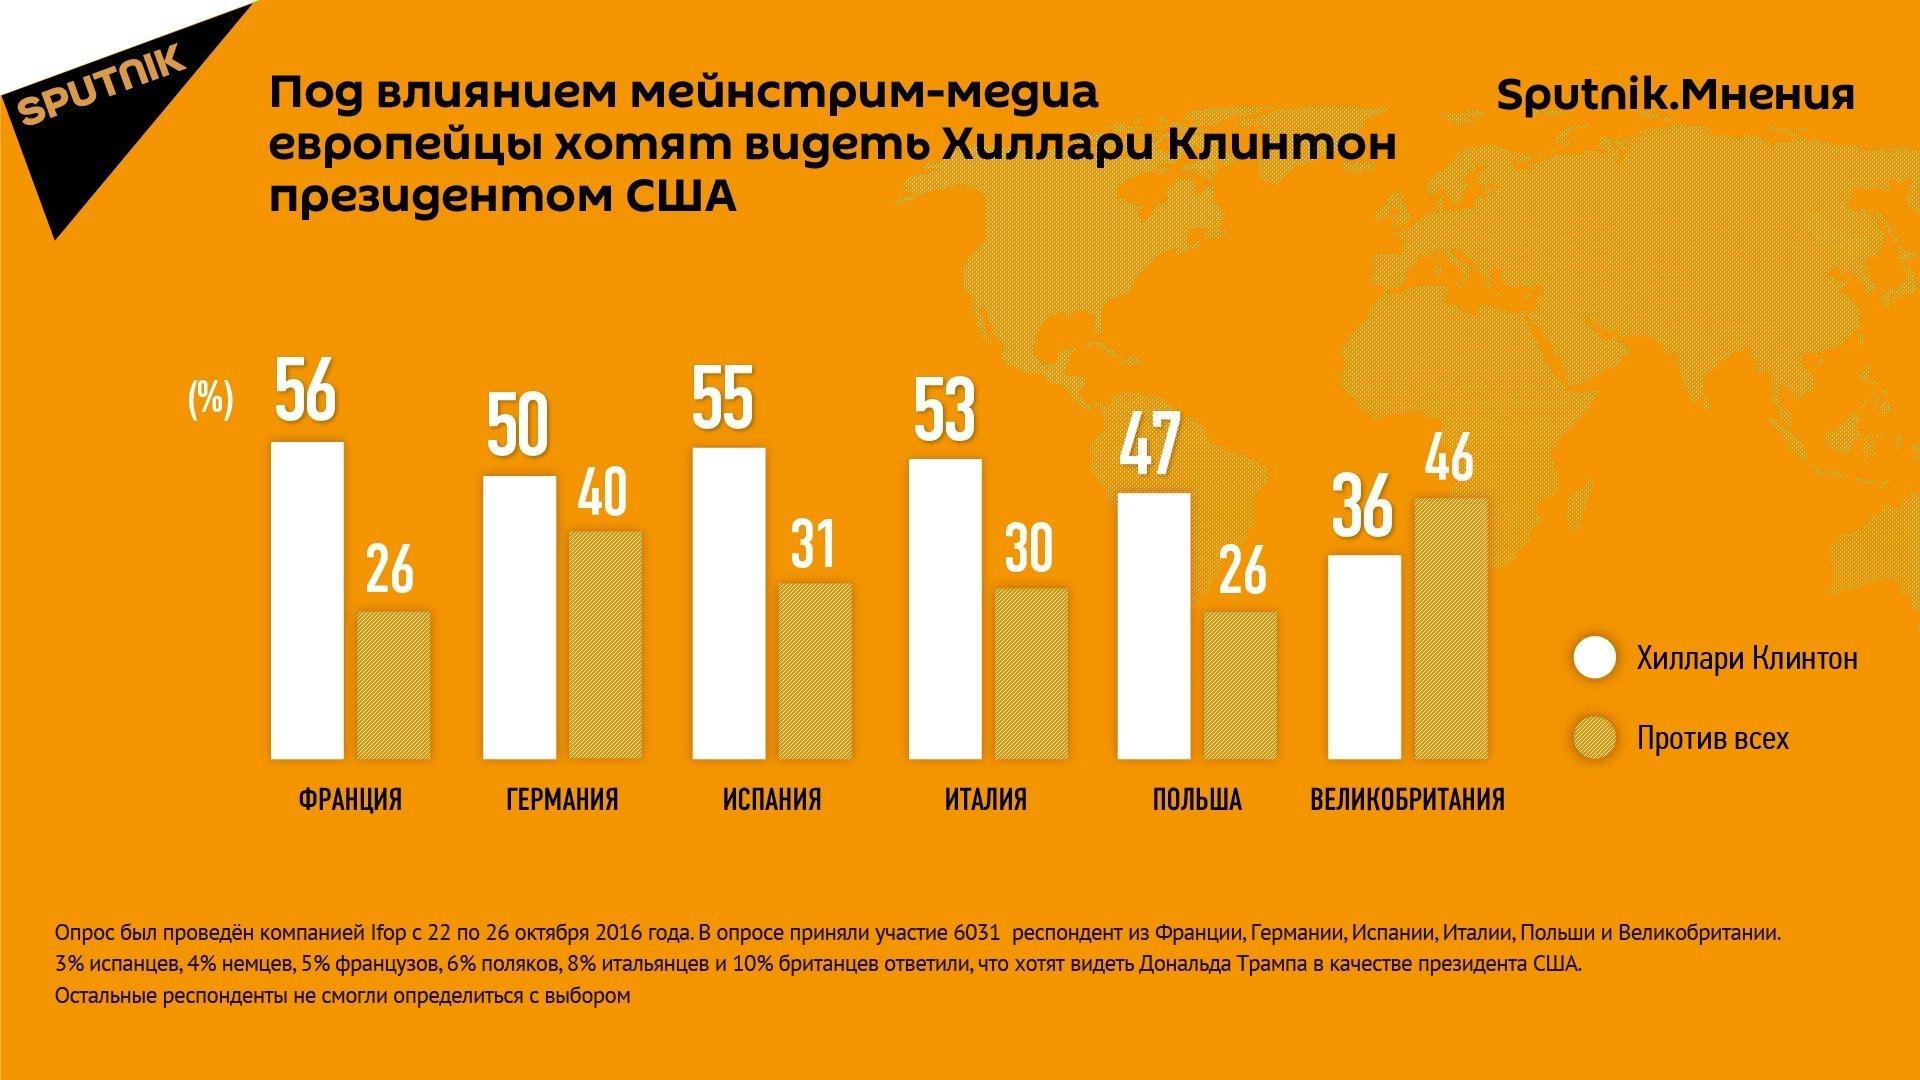 Данные опроса о симпатиях европейцев